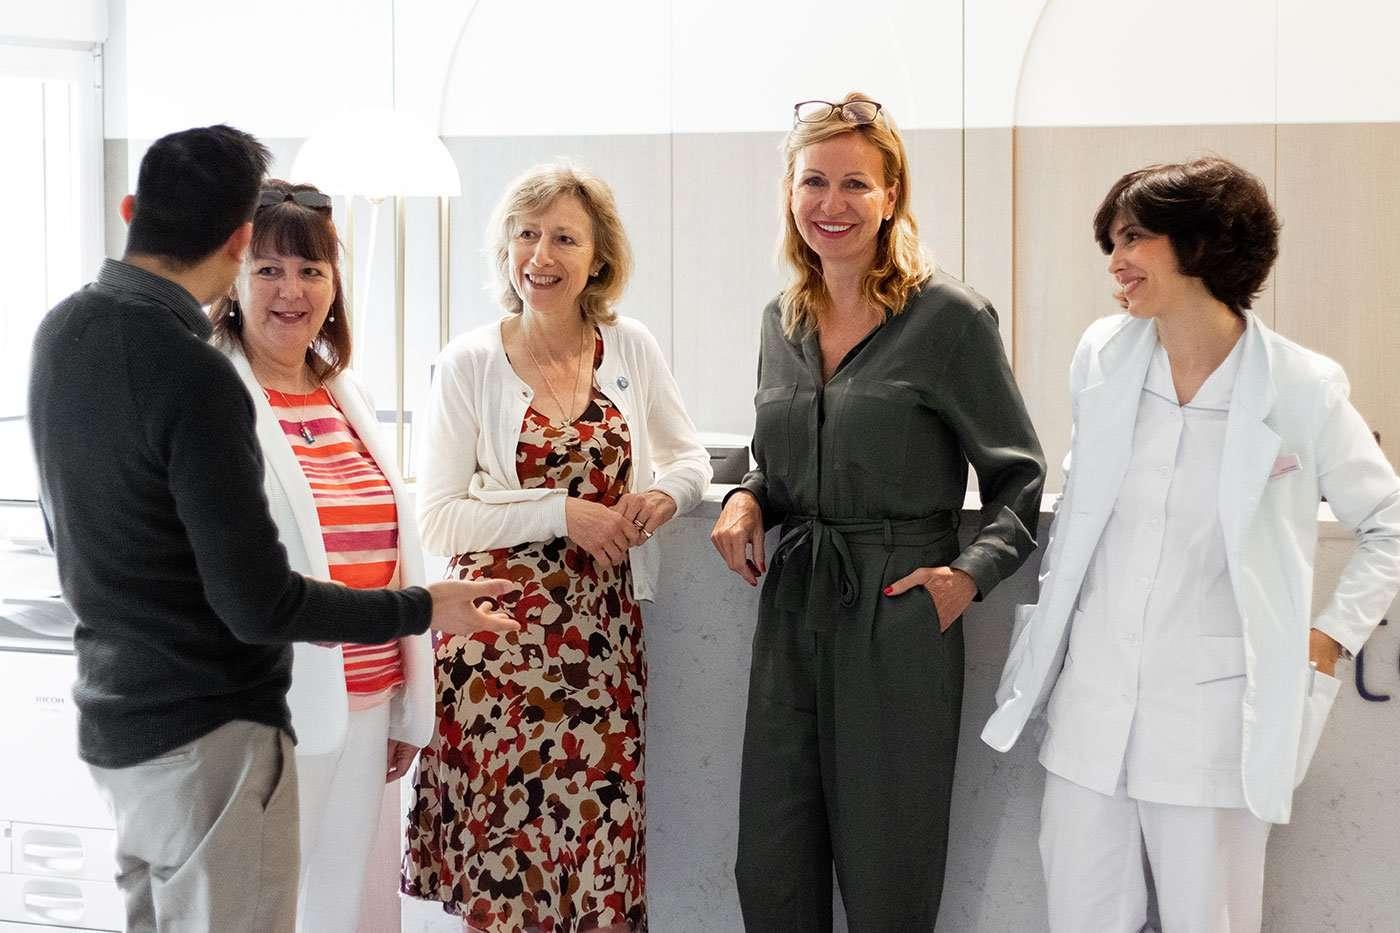 Barbara & Harriet (Expertas en Reflexología) con Saúl Mizrahi, Inge Kormelink y Marta Ruano